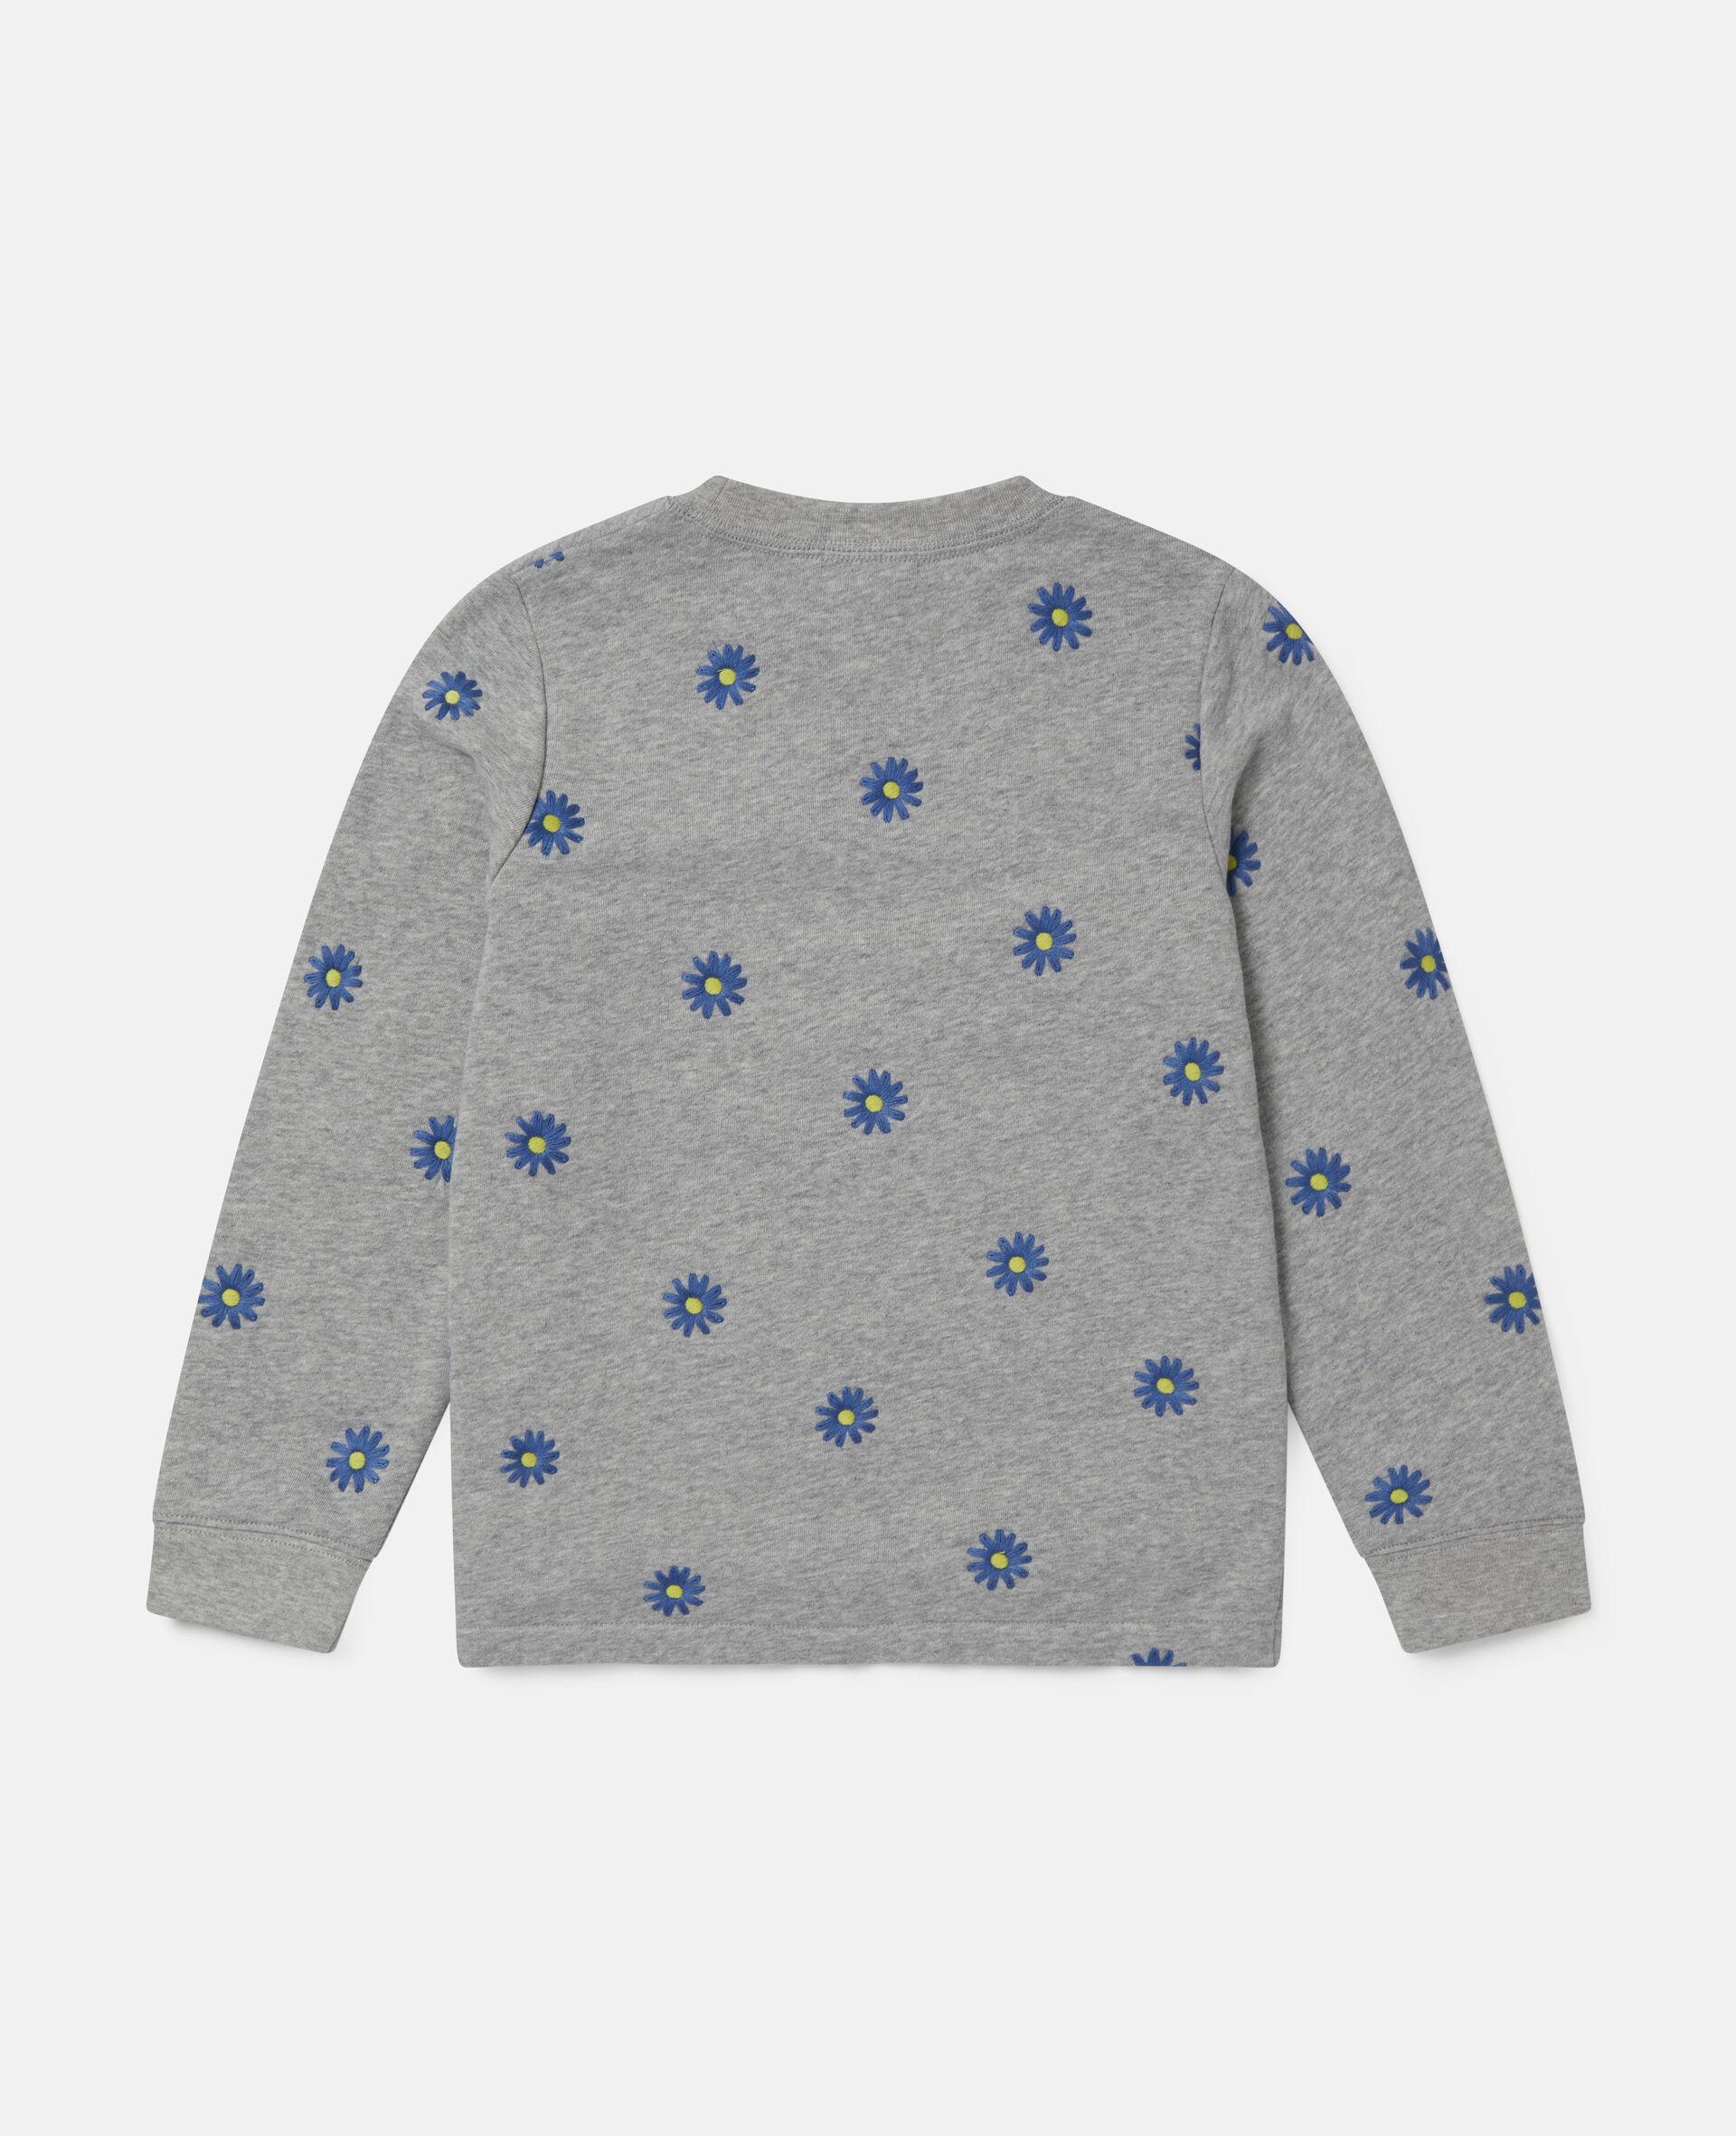 Sweat-shirt en polaire de coton à marguerites brodées -Gris-large image number 3